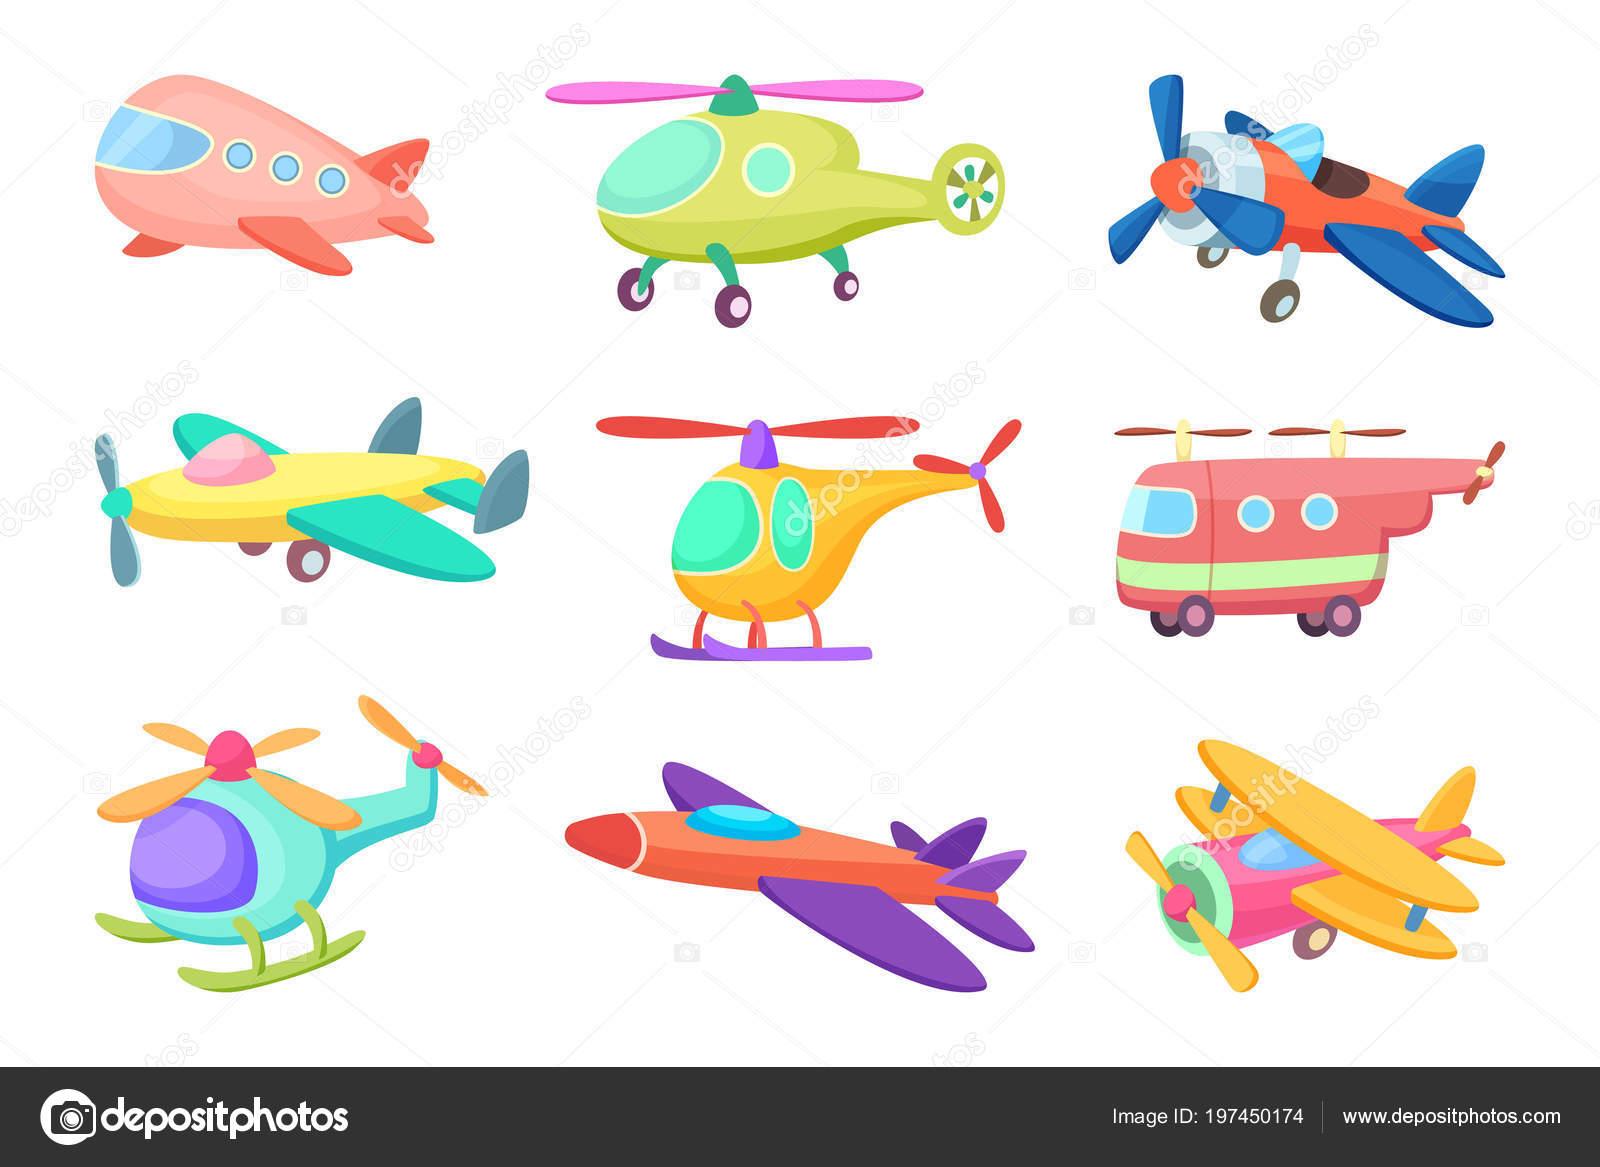 Kleine jongen cartoon exploitatie van een vliegtuig Clipart-afbeelding